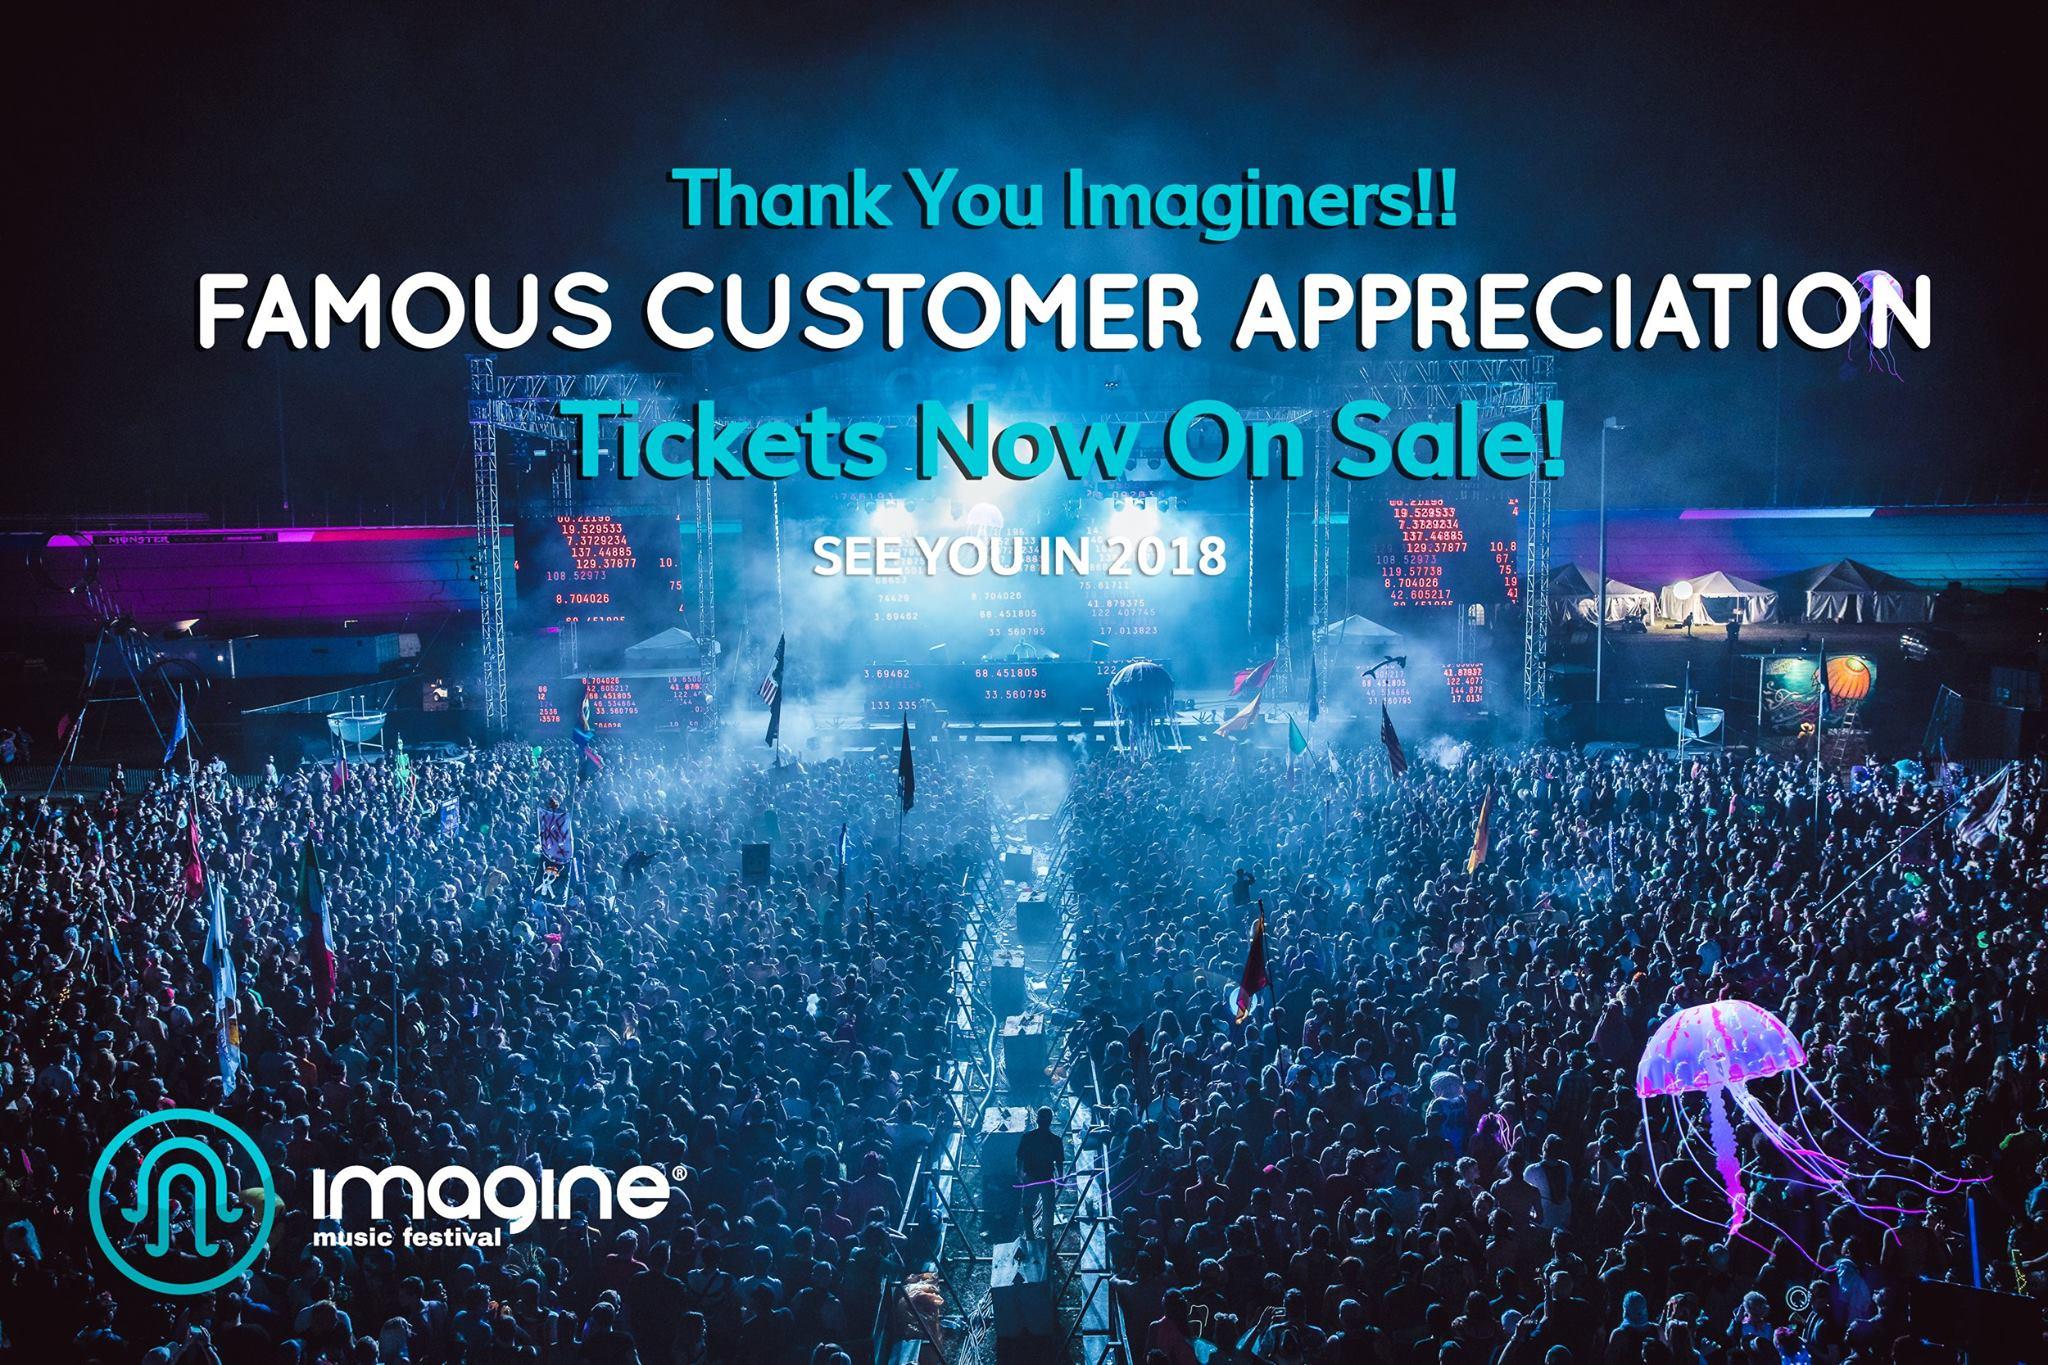 imagine festival customer appreciation